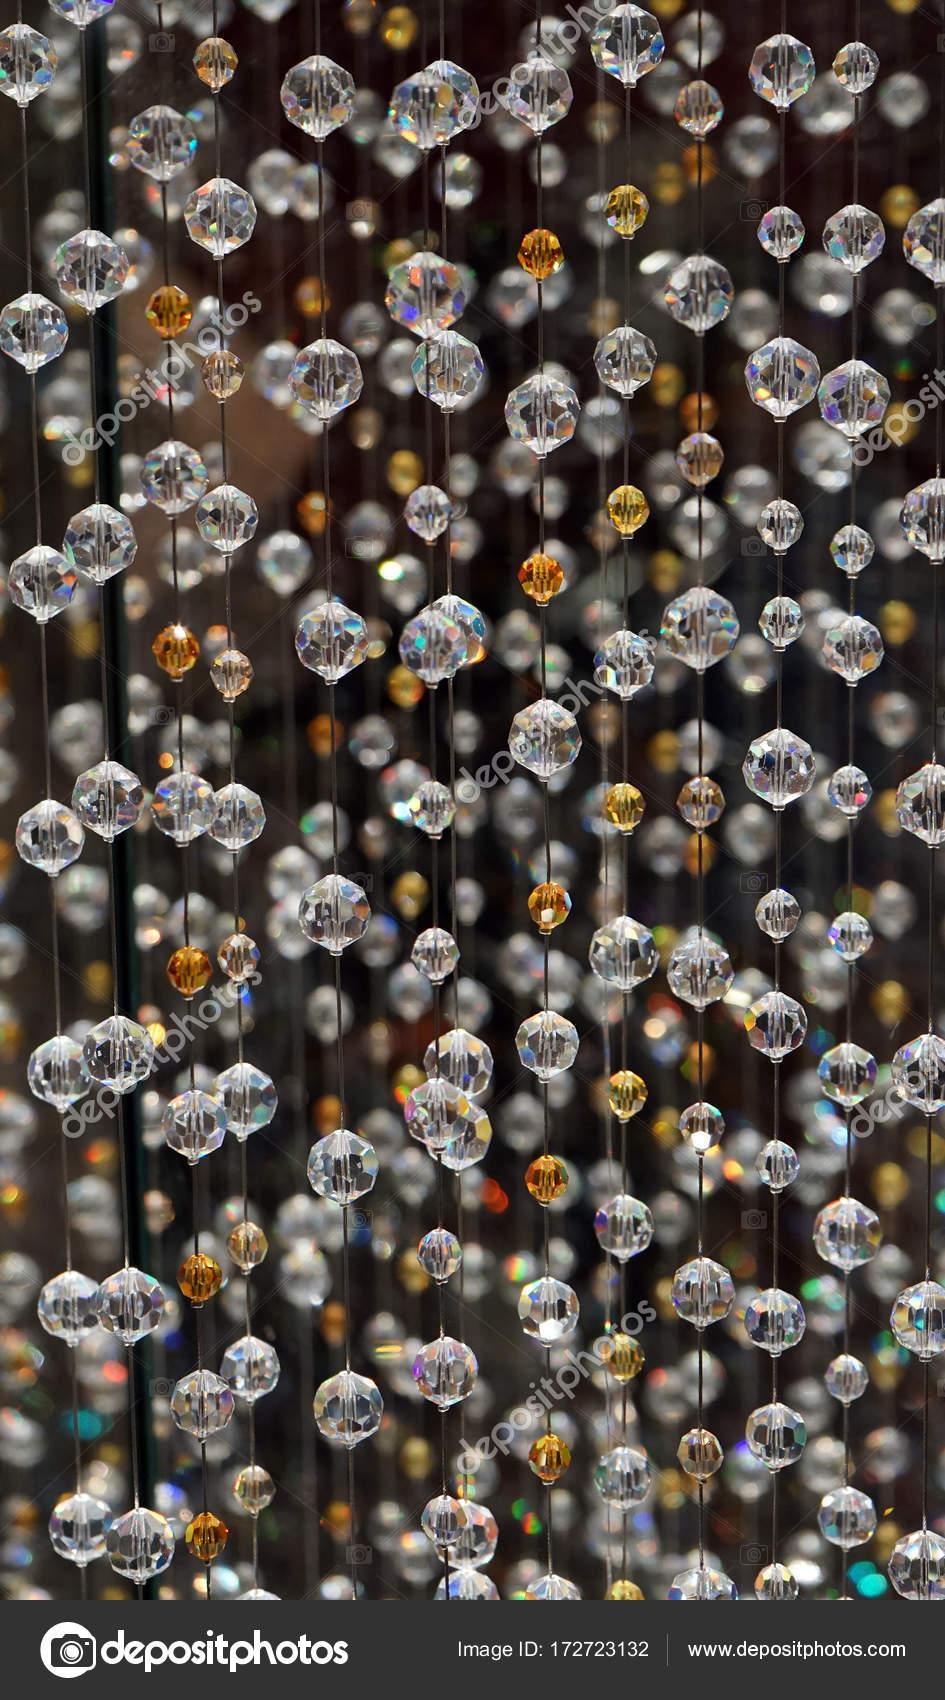 Swarovski Kristall Perlenvorhang. Bead Gardinen Muster, Textur ...